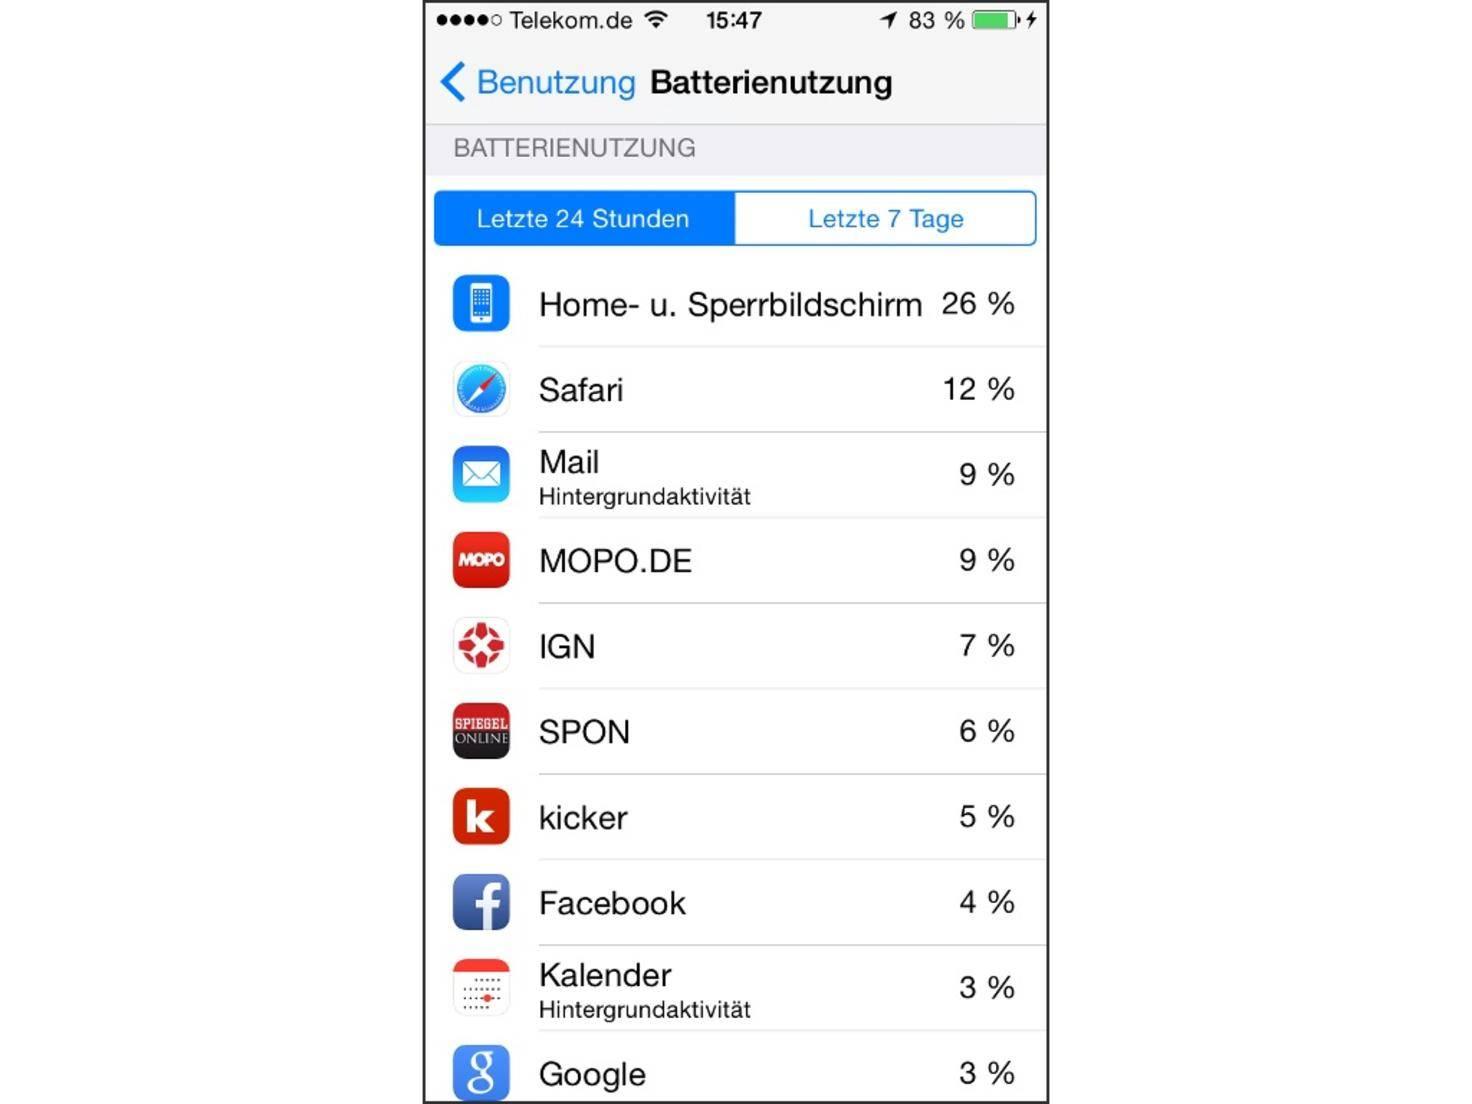 Akkufresser können dank einer neuen iOS 8-Funktion schnell identifiziert werden.